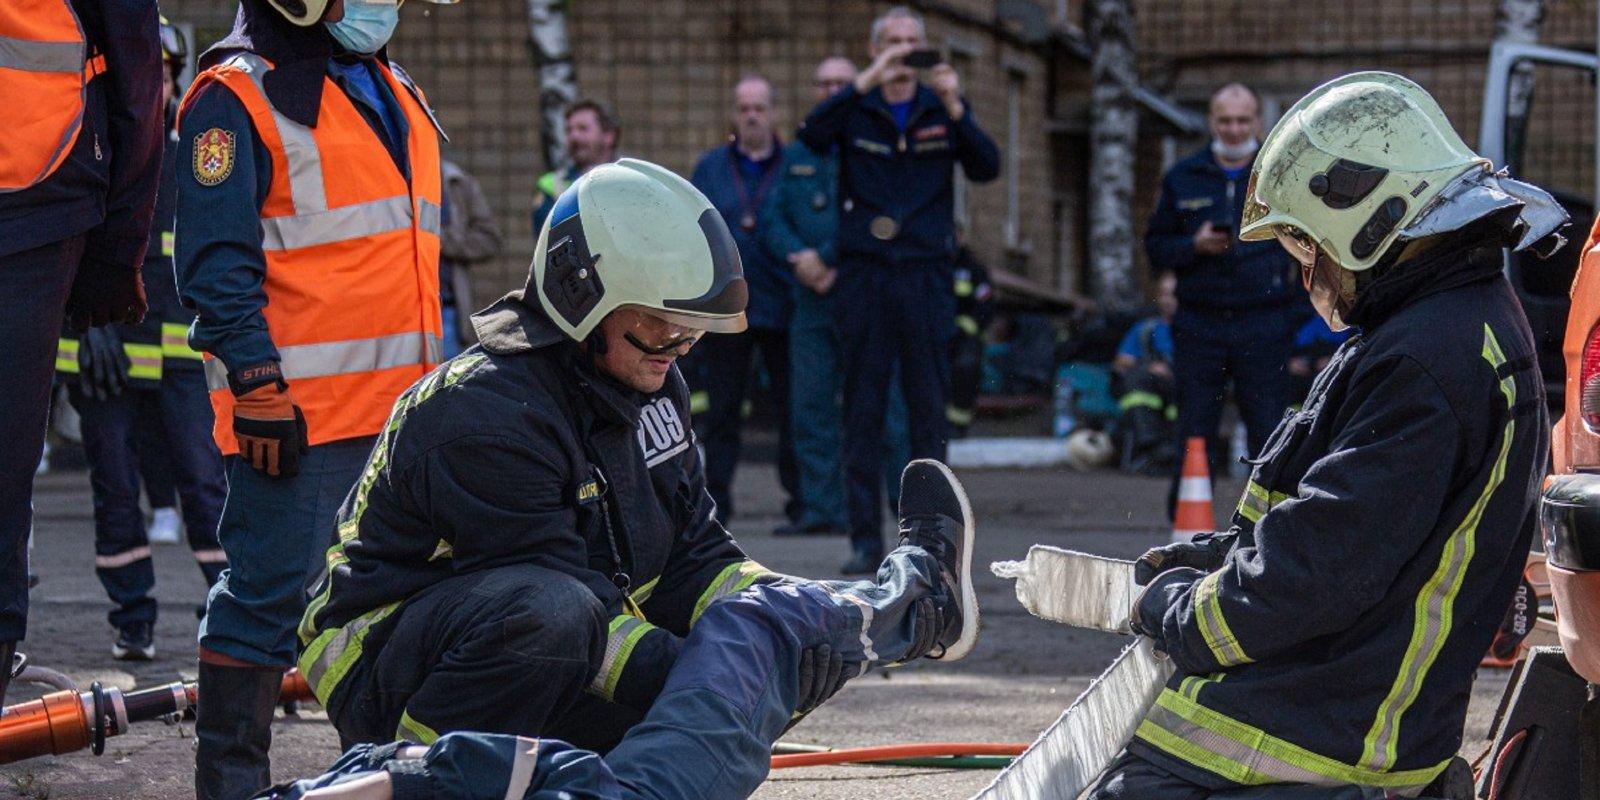 Специалисты 209 пожарно-спасательного отряда 10 лет стоят на страже безопасности Москвы и москвичей